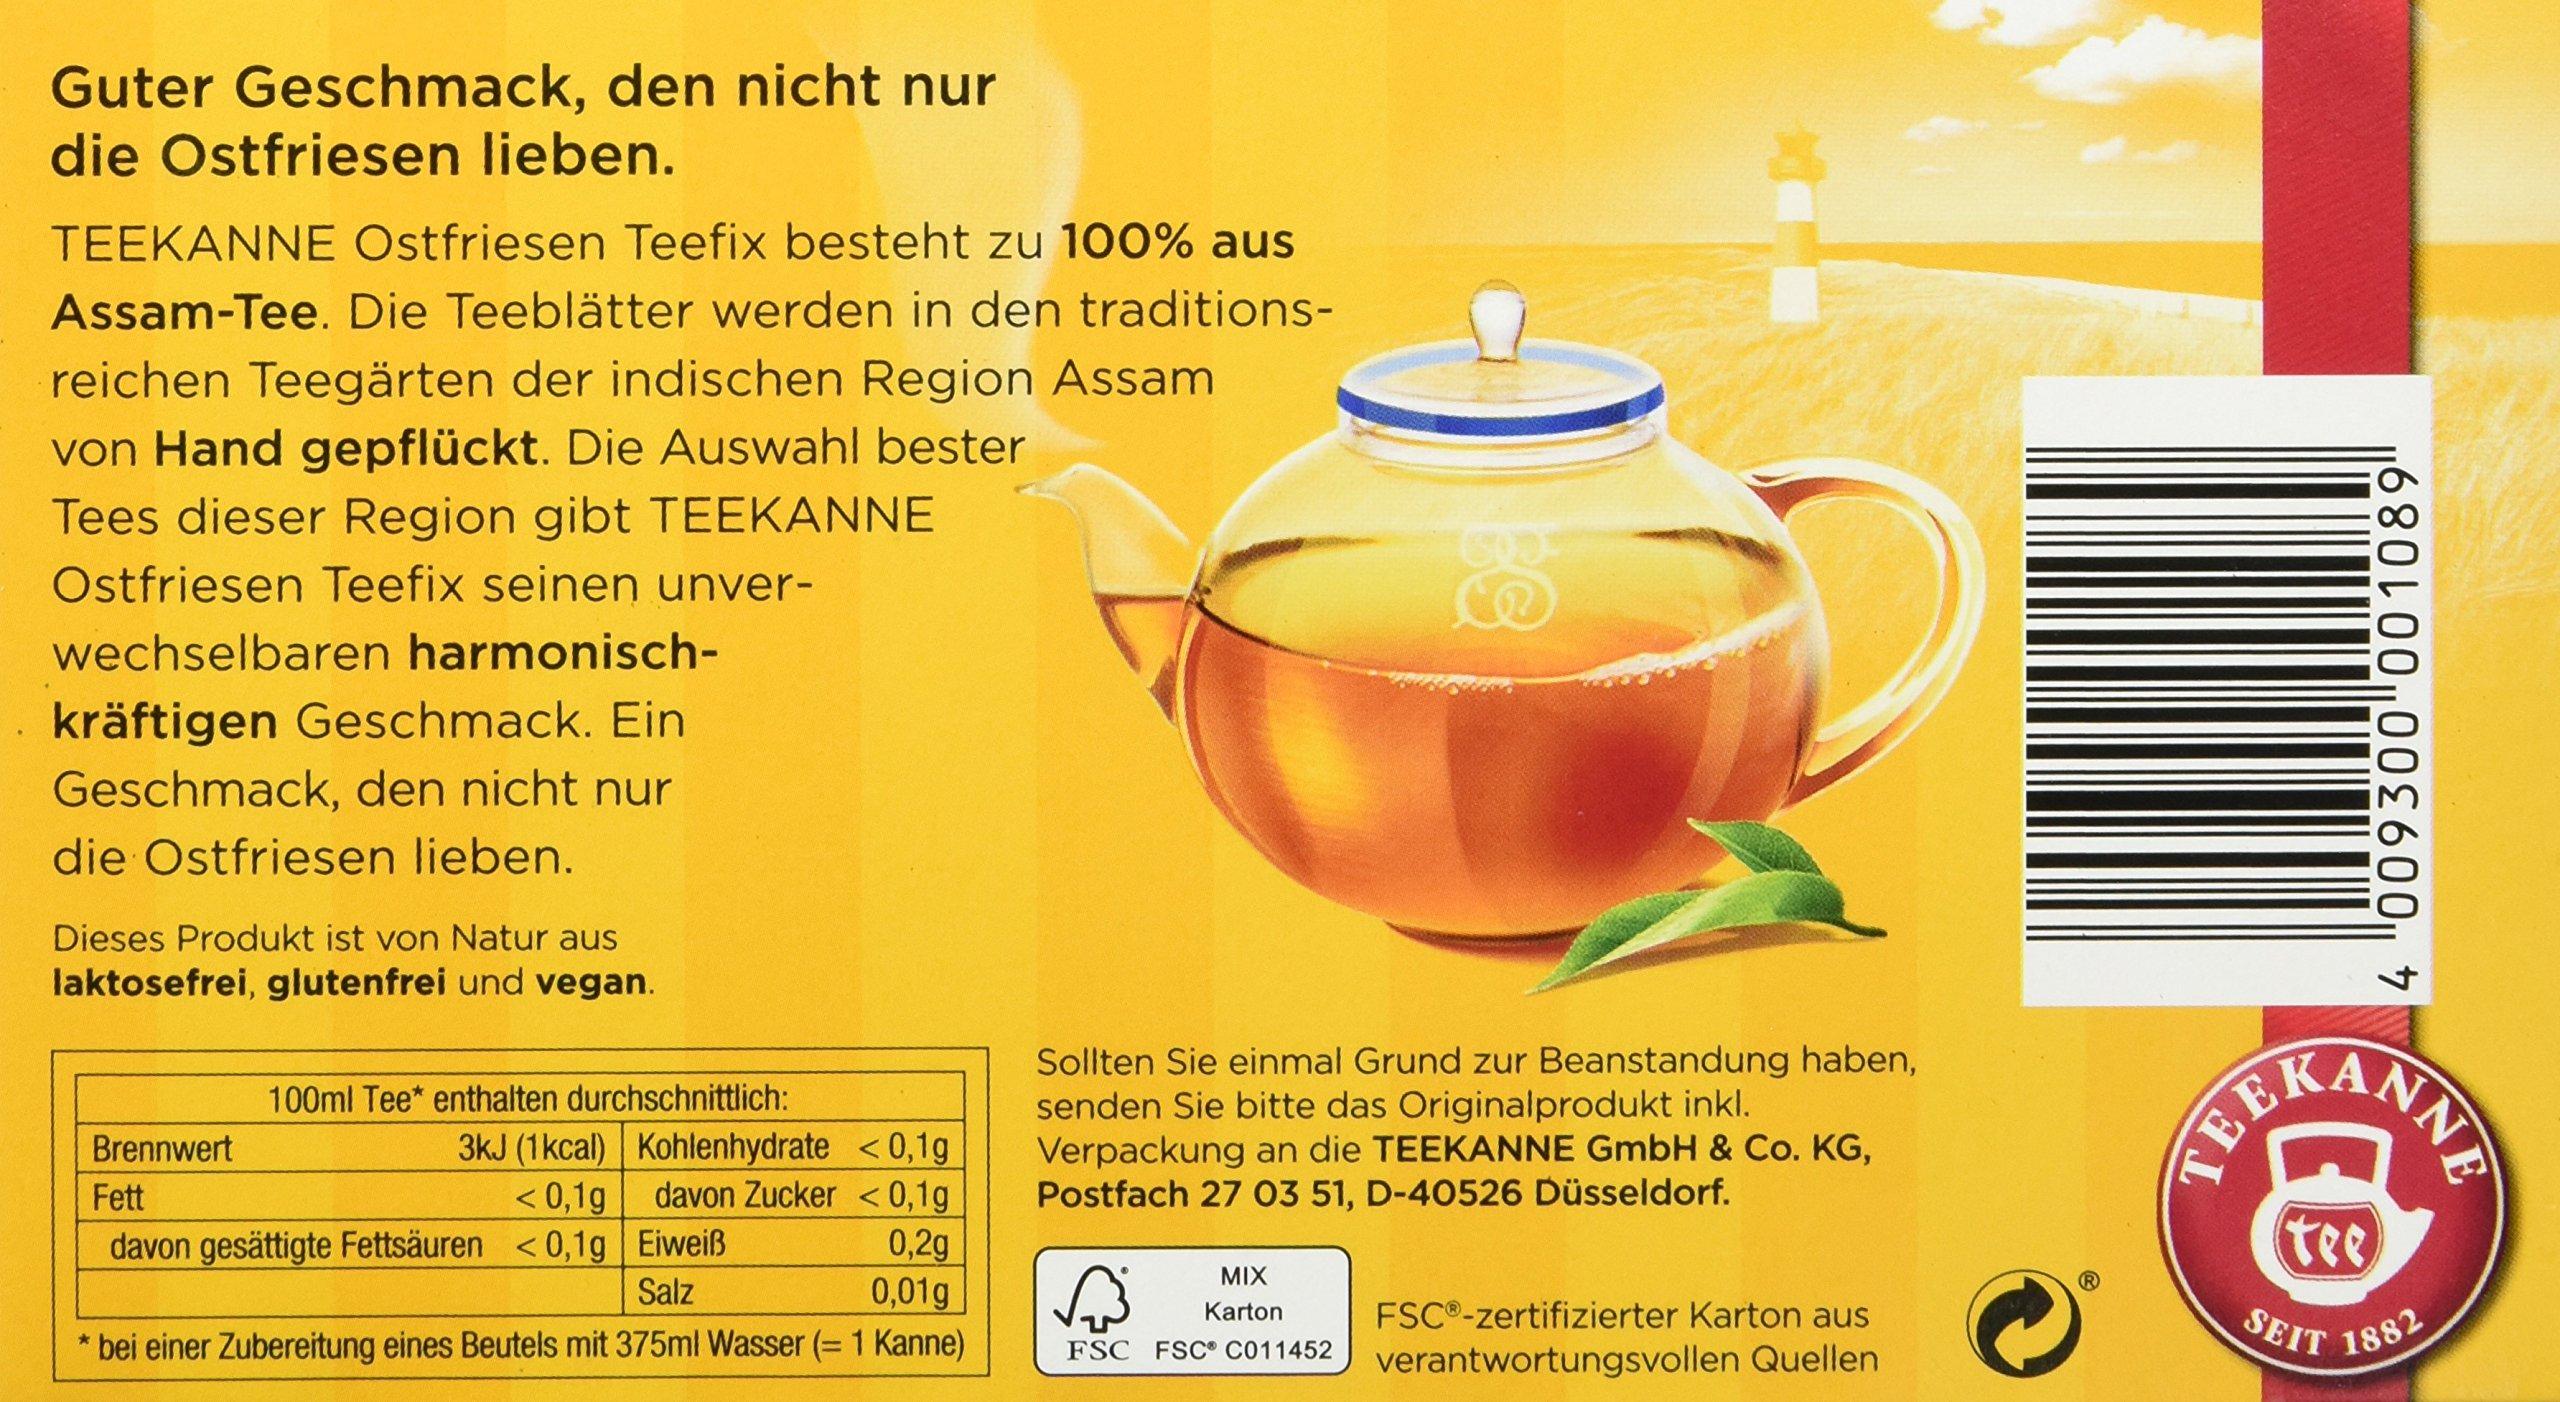 Teekanne-Ostfriesen-Teefix-50-Beutel-Knnchenportion-3er-Pack-3-x-140-g